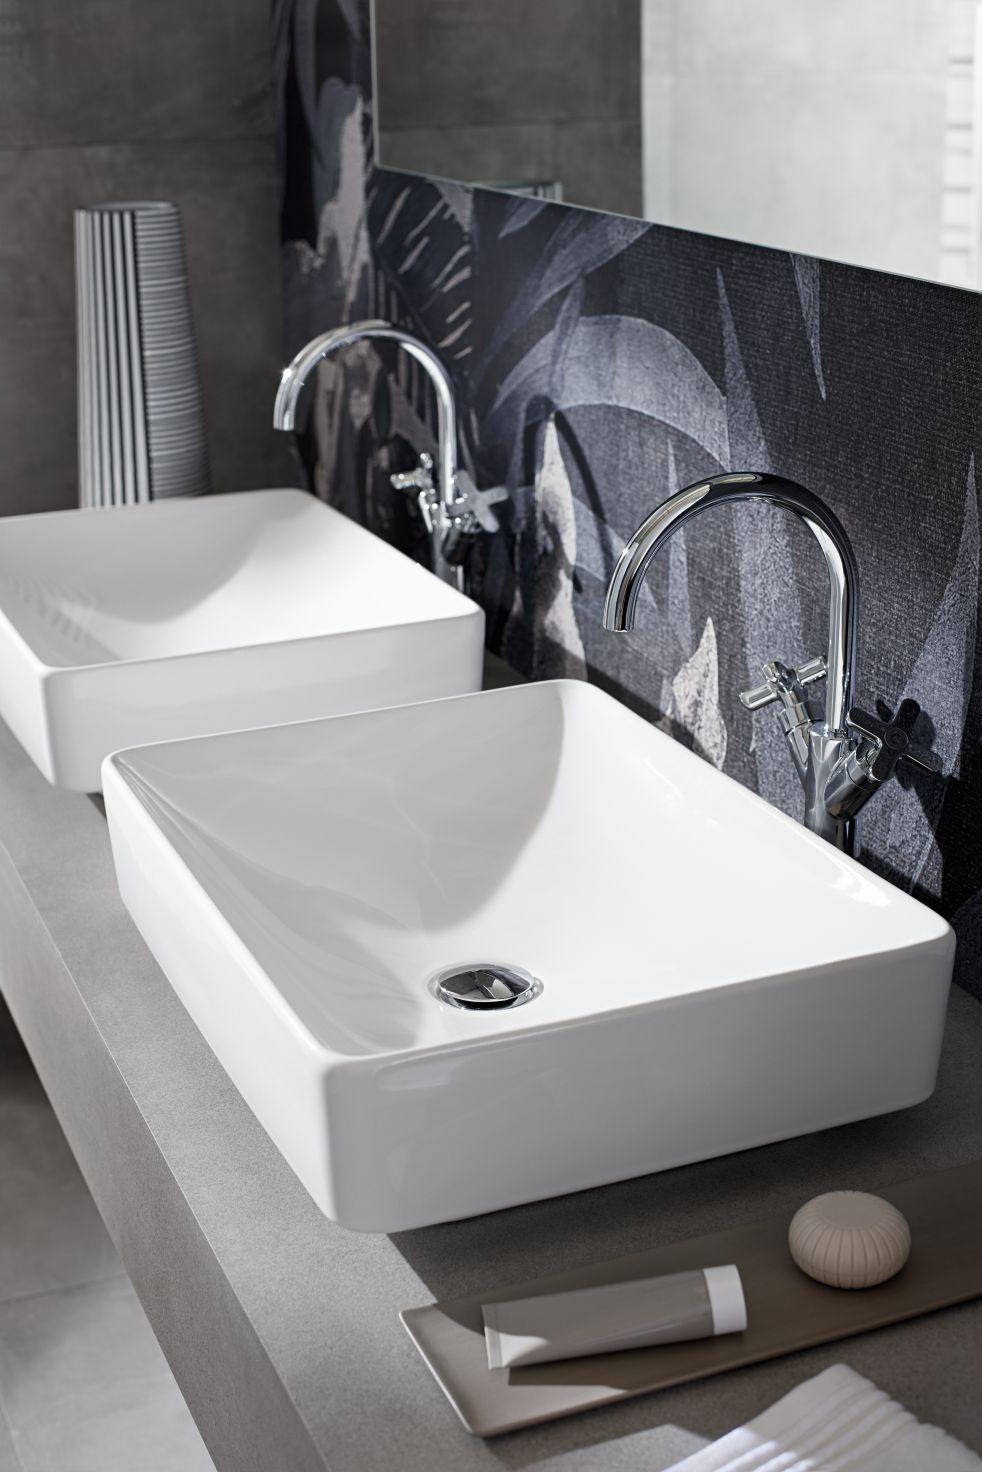 Lavabos VariForm de Keramag : modulaires et polyvalents pour une salle de bains sur mesure